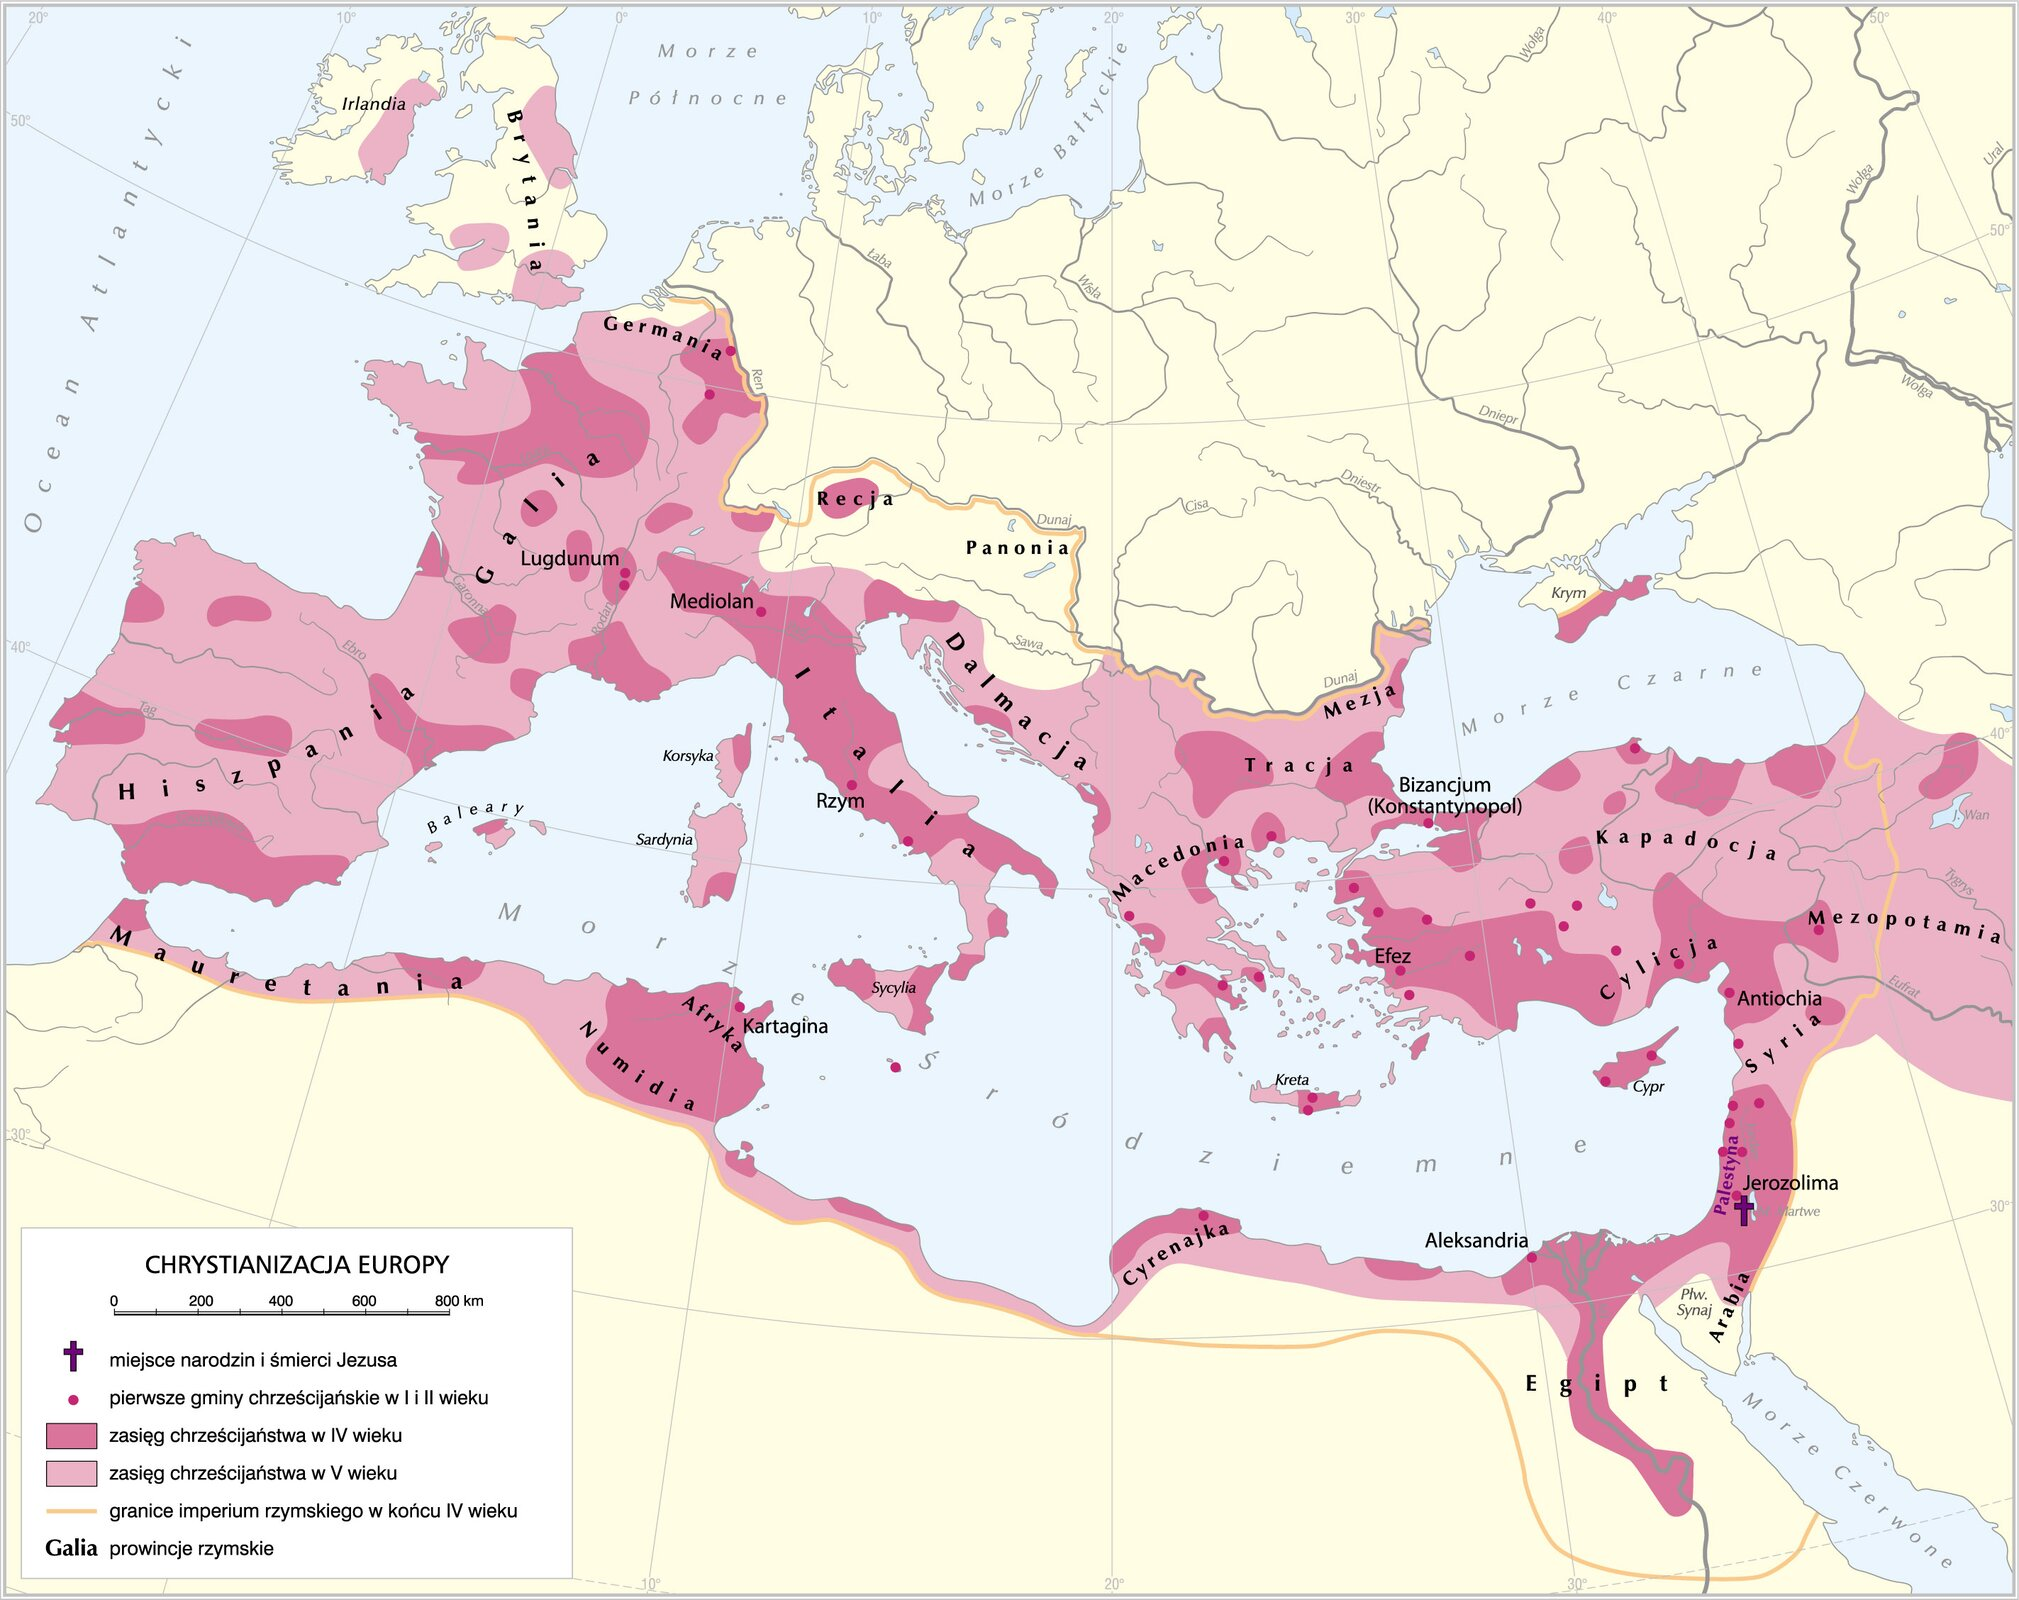 Rozprzestrzenianie się chrześcijaństwa od IdoVwieku Rozprzestrzenianie się chrześcijaństwa od IdoVwieku Źródło: Krystian Chariza izespół, licencja: CC BY 3.0.